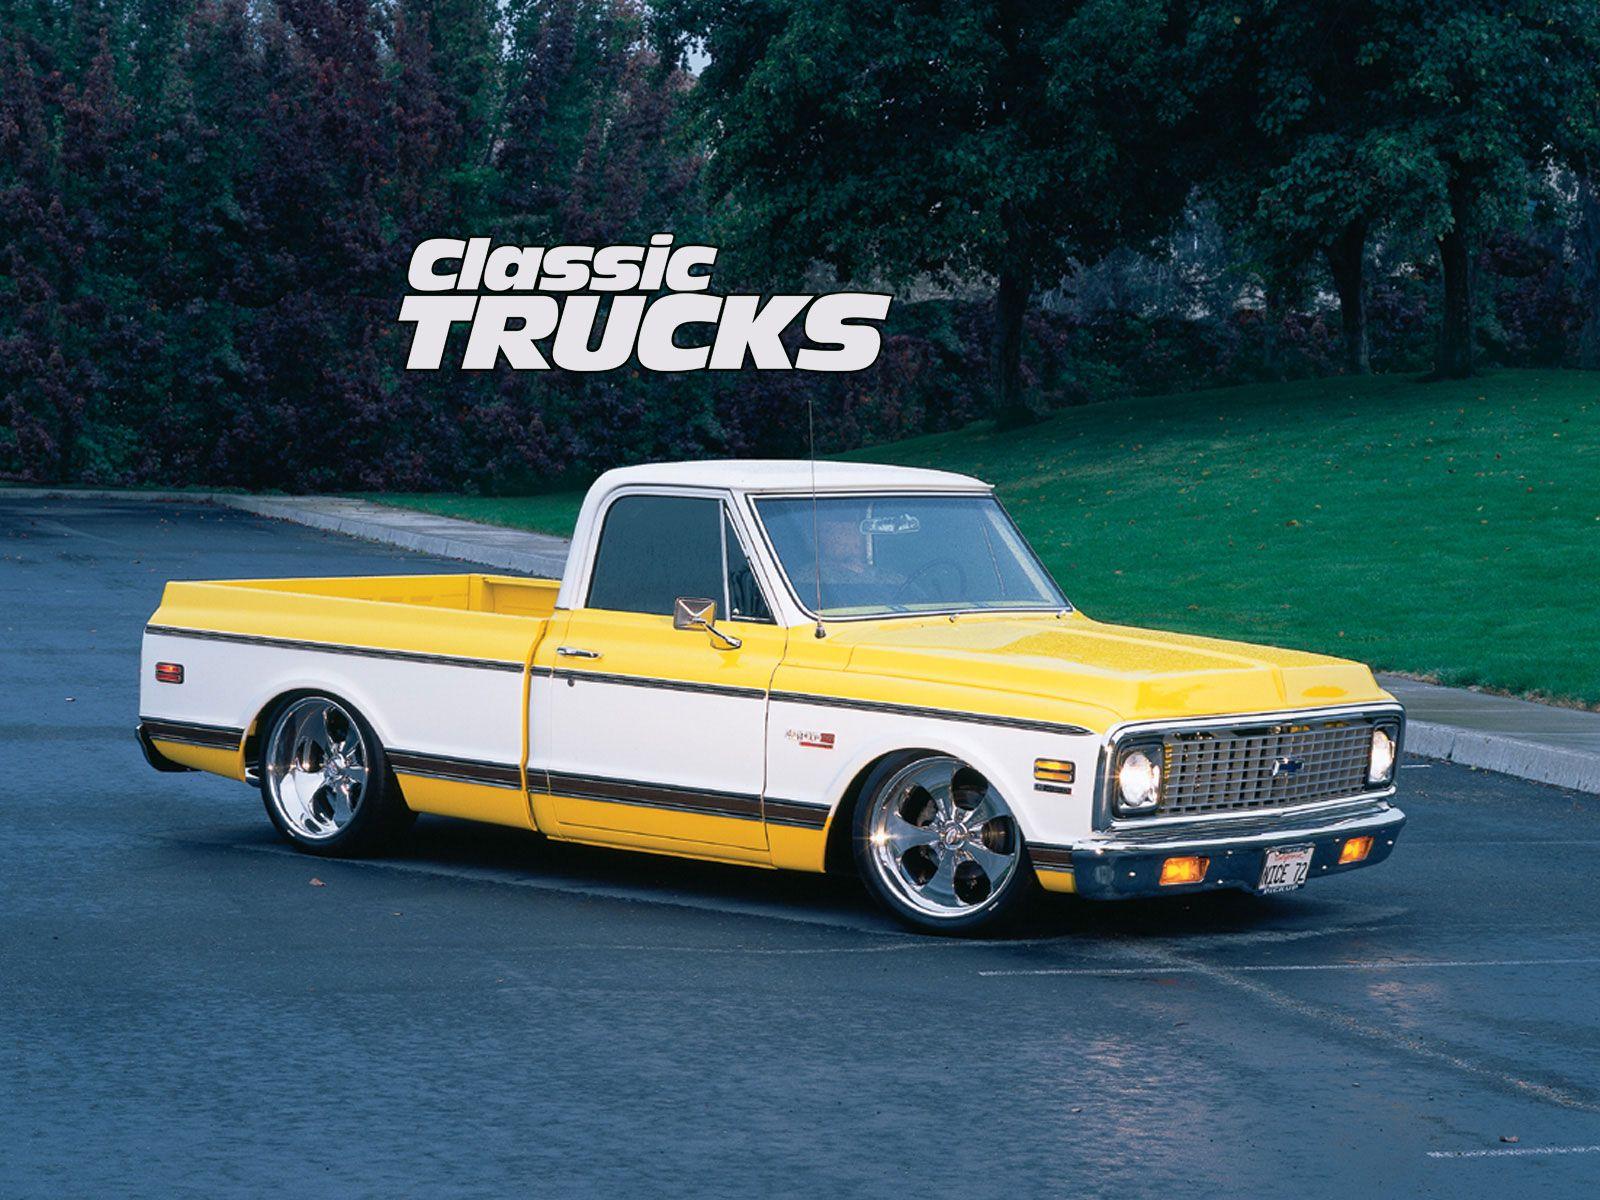 Classic Truck Desktop Wallpapers   Downloads Photo Gallery 1600x1200